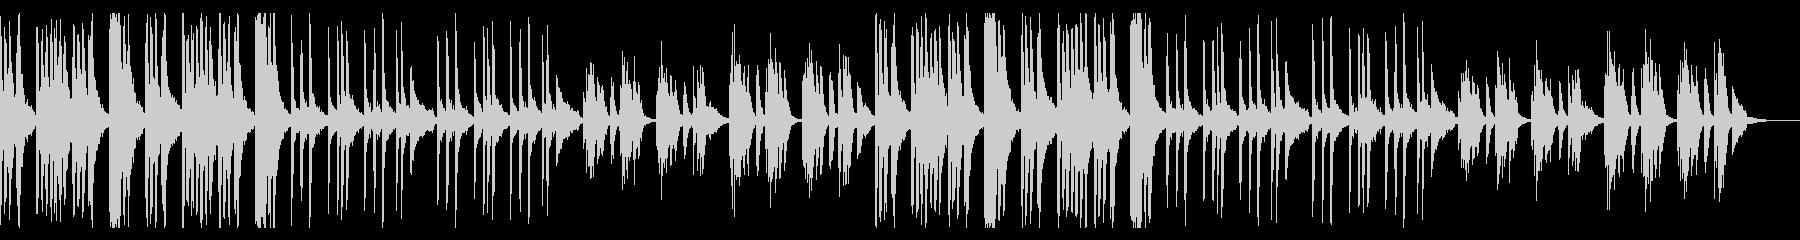 ダークでコミカルでシンプルなBGMの未再生の波形